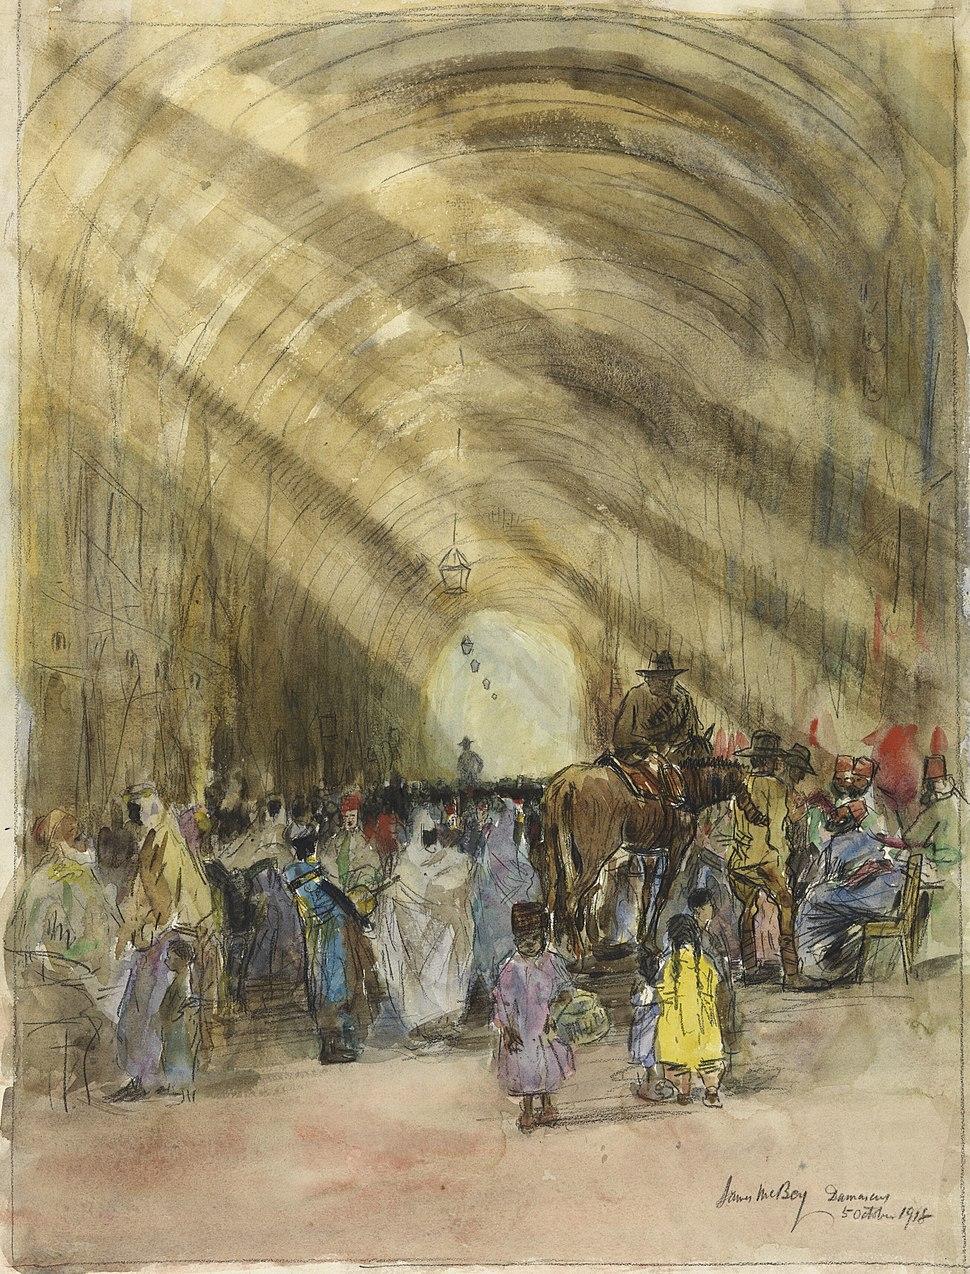 The Silk Bazaar, Damascus - Australians buying goods Art.IWMART1564